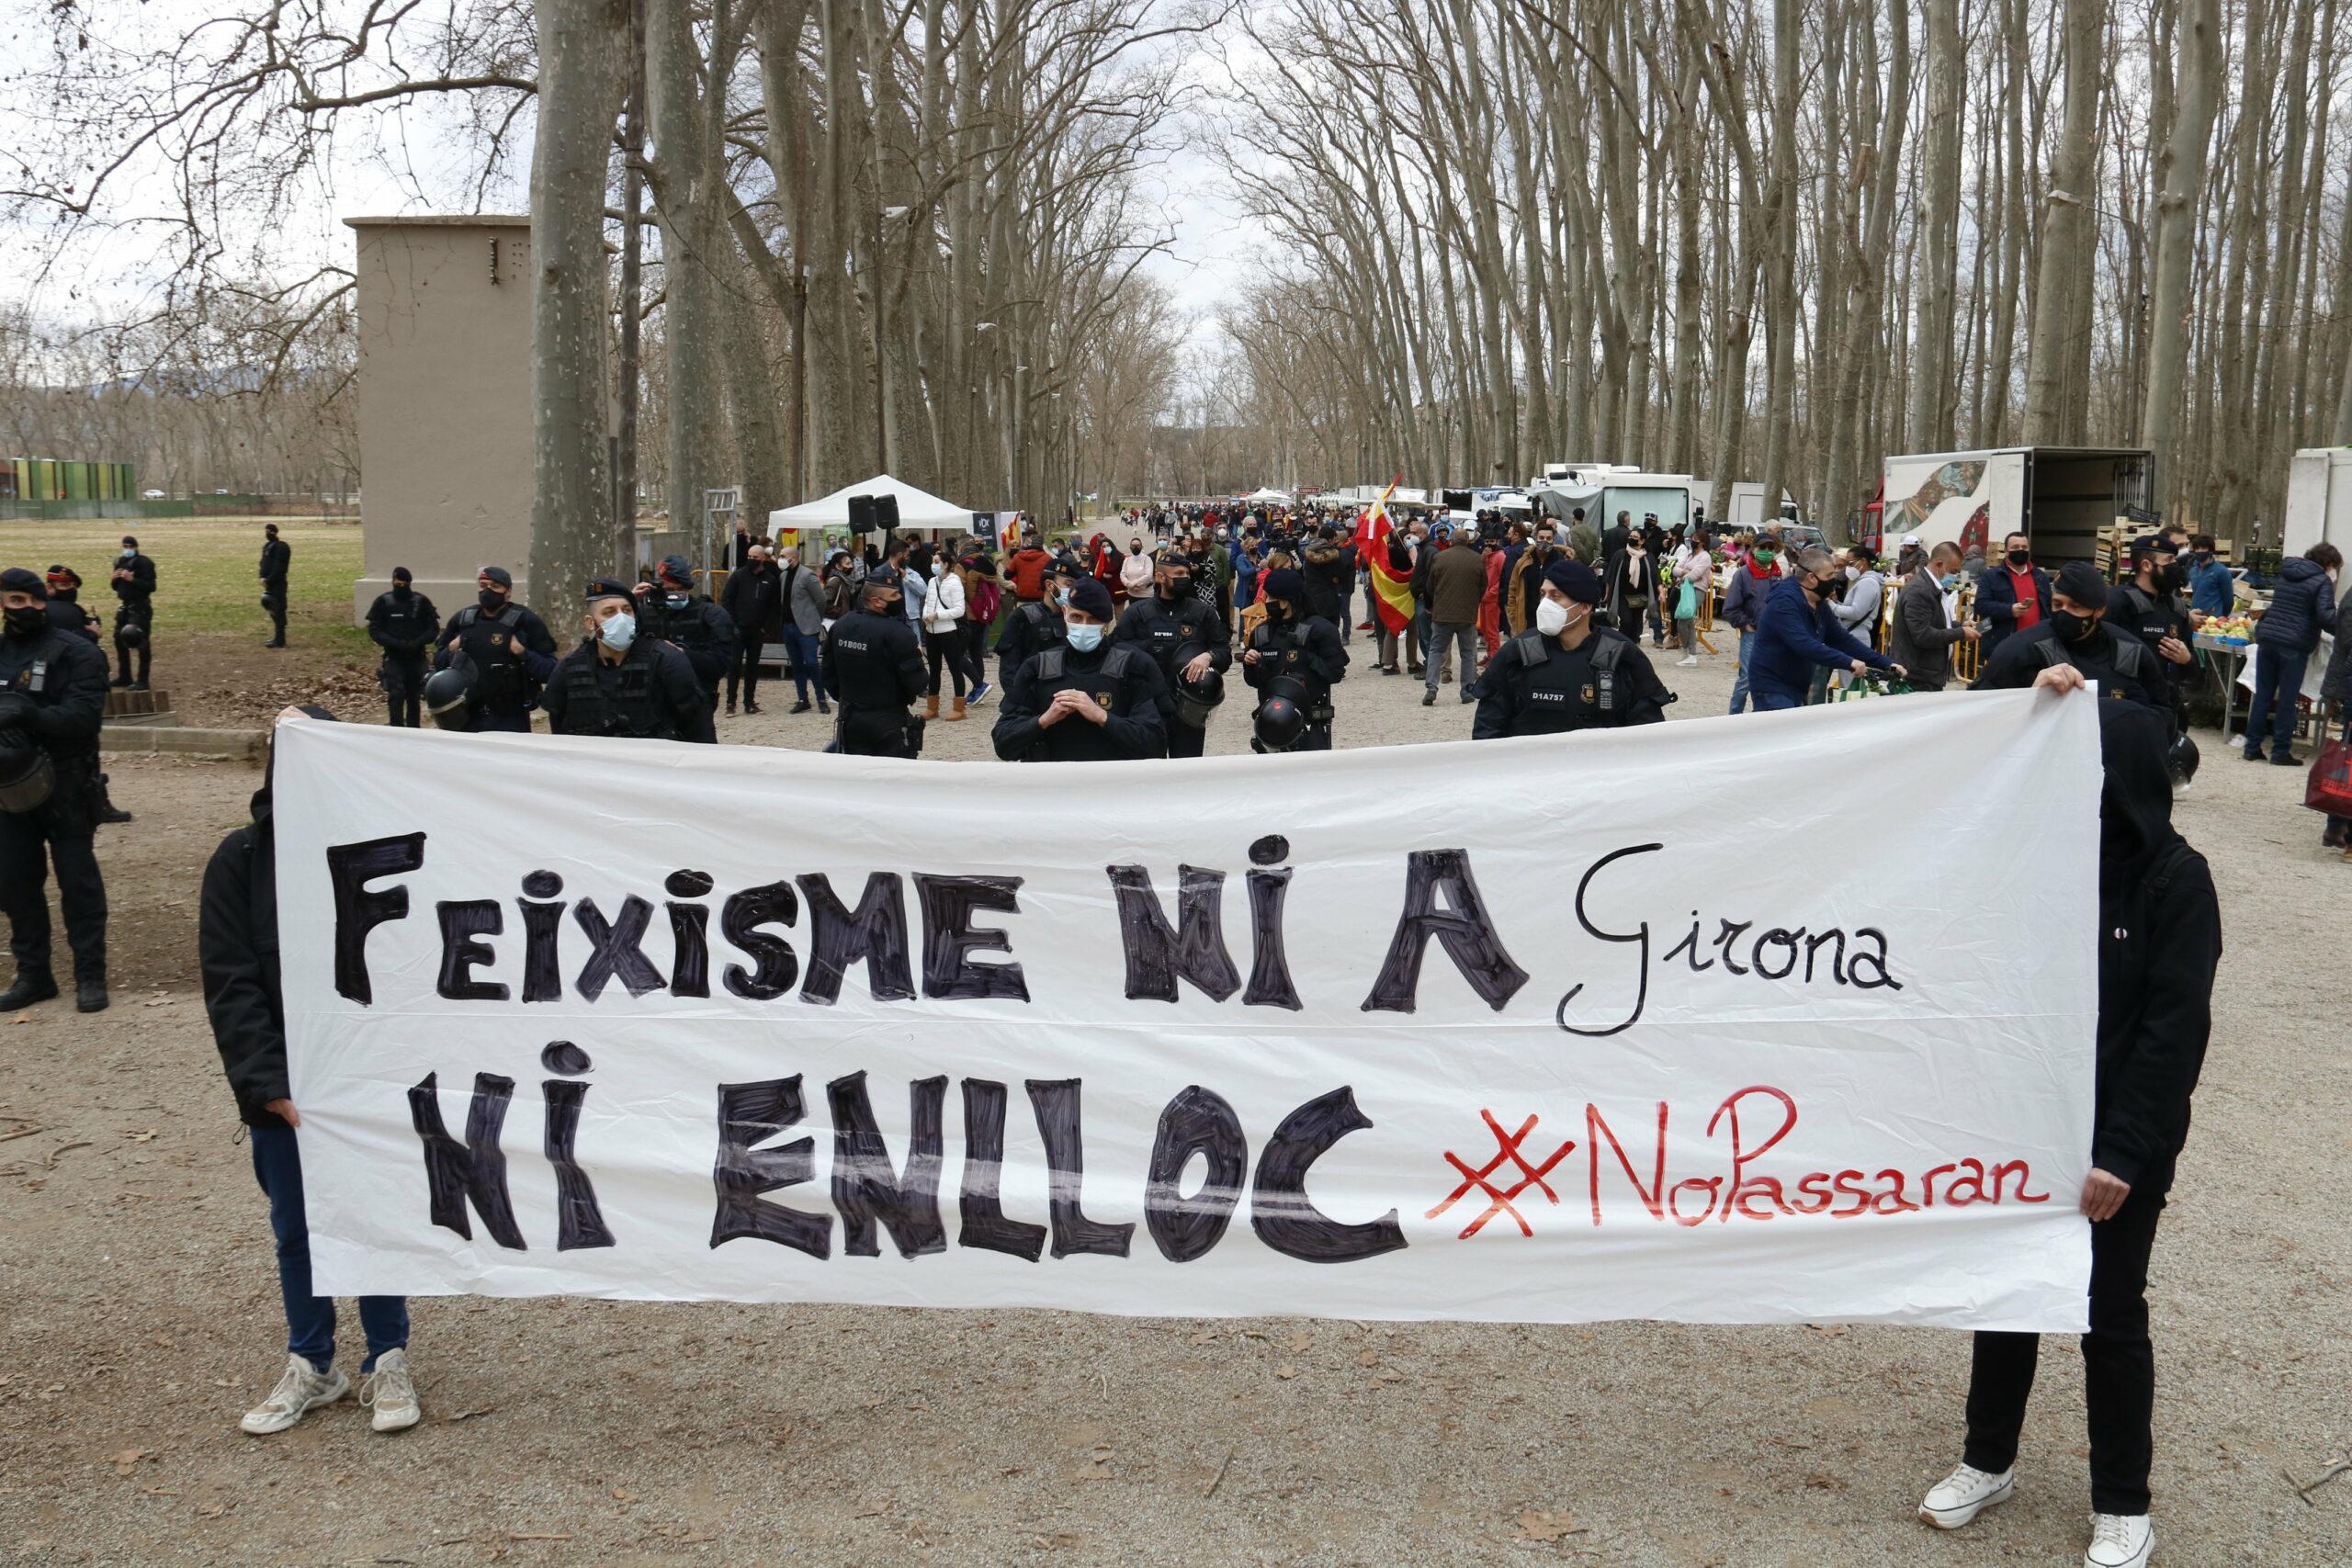 Un grup d'antifeixistes amb un cartell rebutjant la presència de Vox, al Parc de la Devesa de Girona, amb la carpa del partit d'ultradreta al fons, ahir / ACN